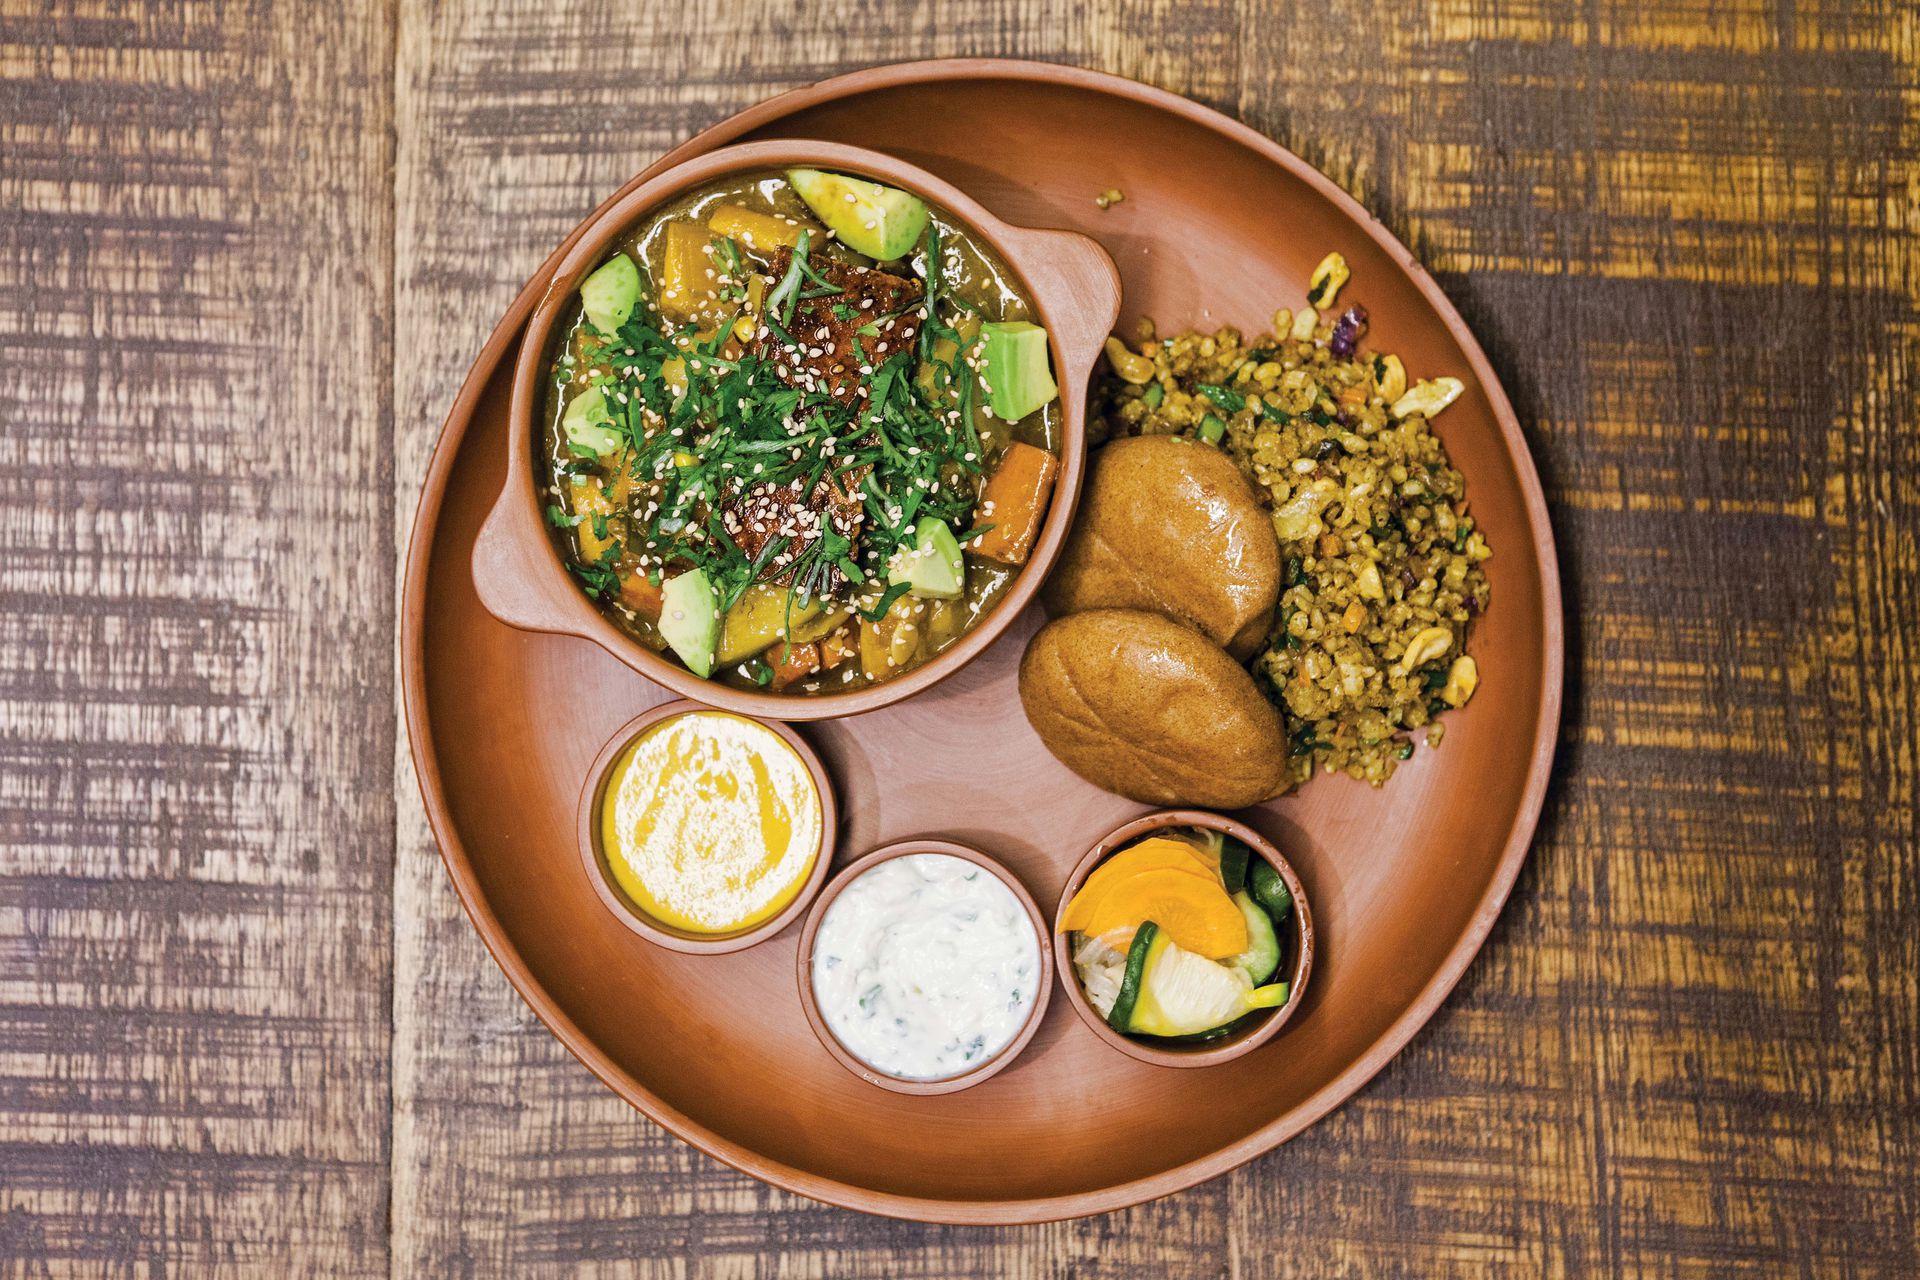 Curry de verduras con tofu laqueado en salsa teriyaki y palta, con dips de salsas picantes y pickles.